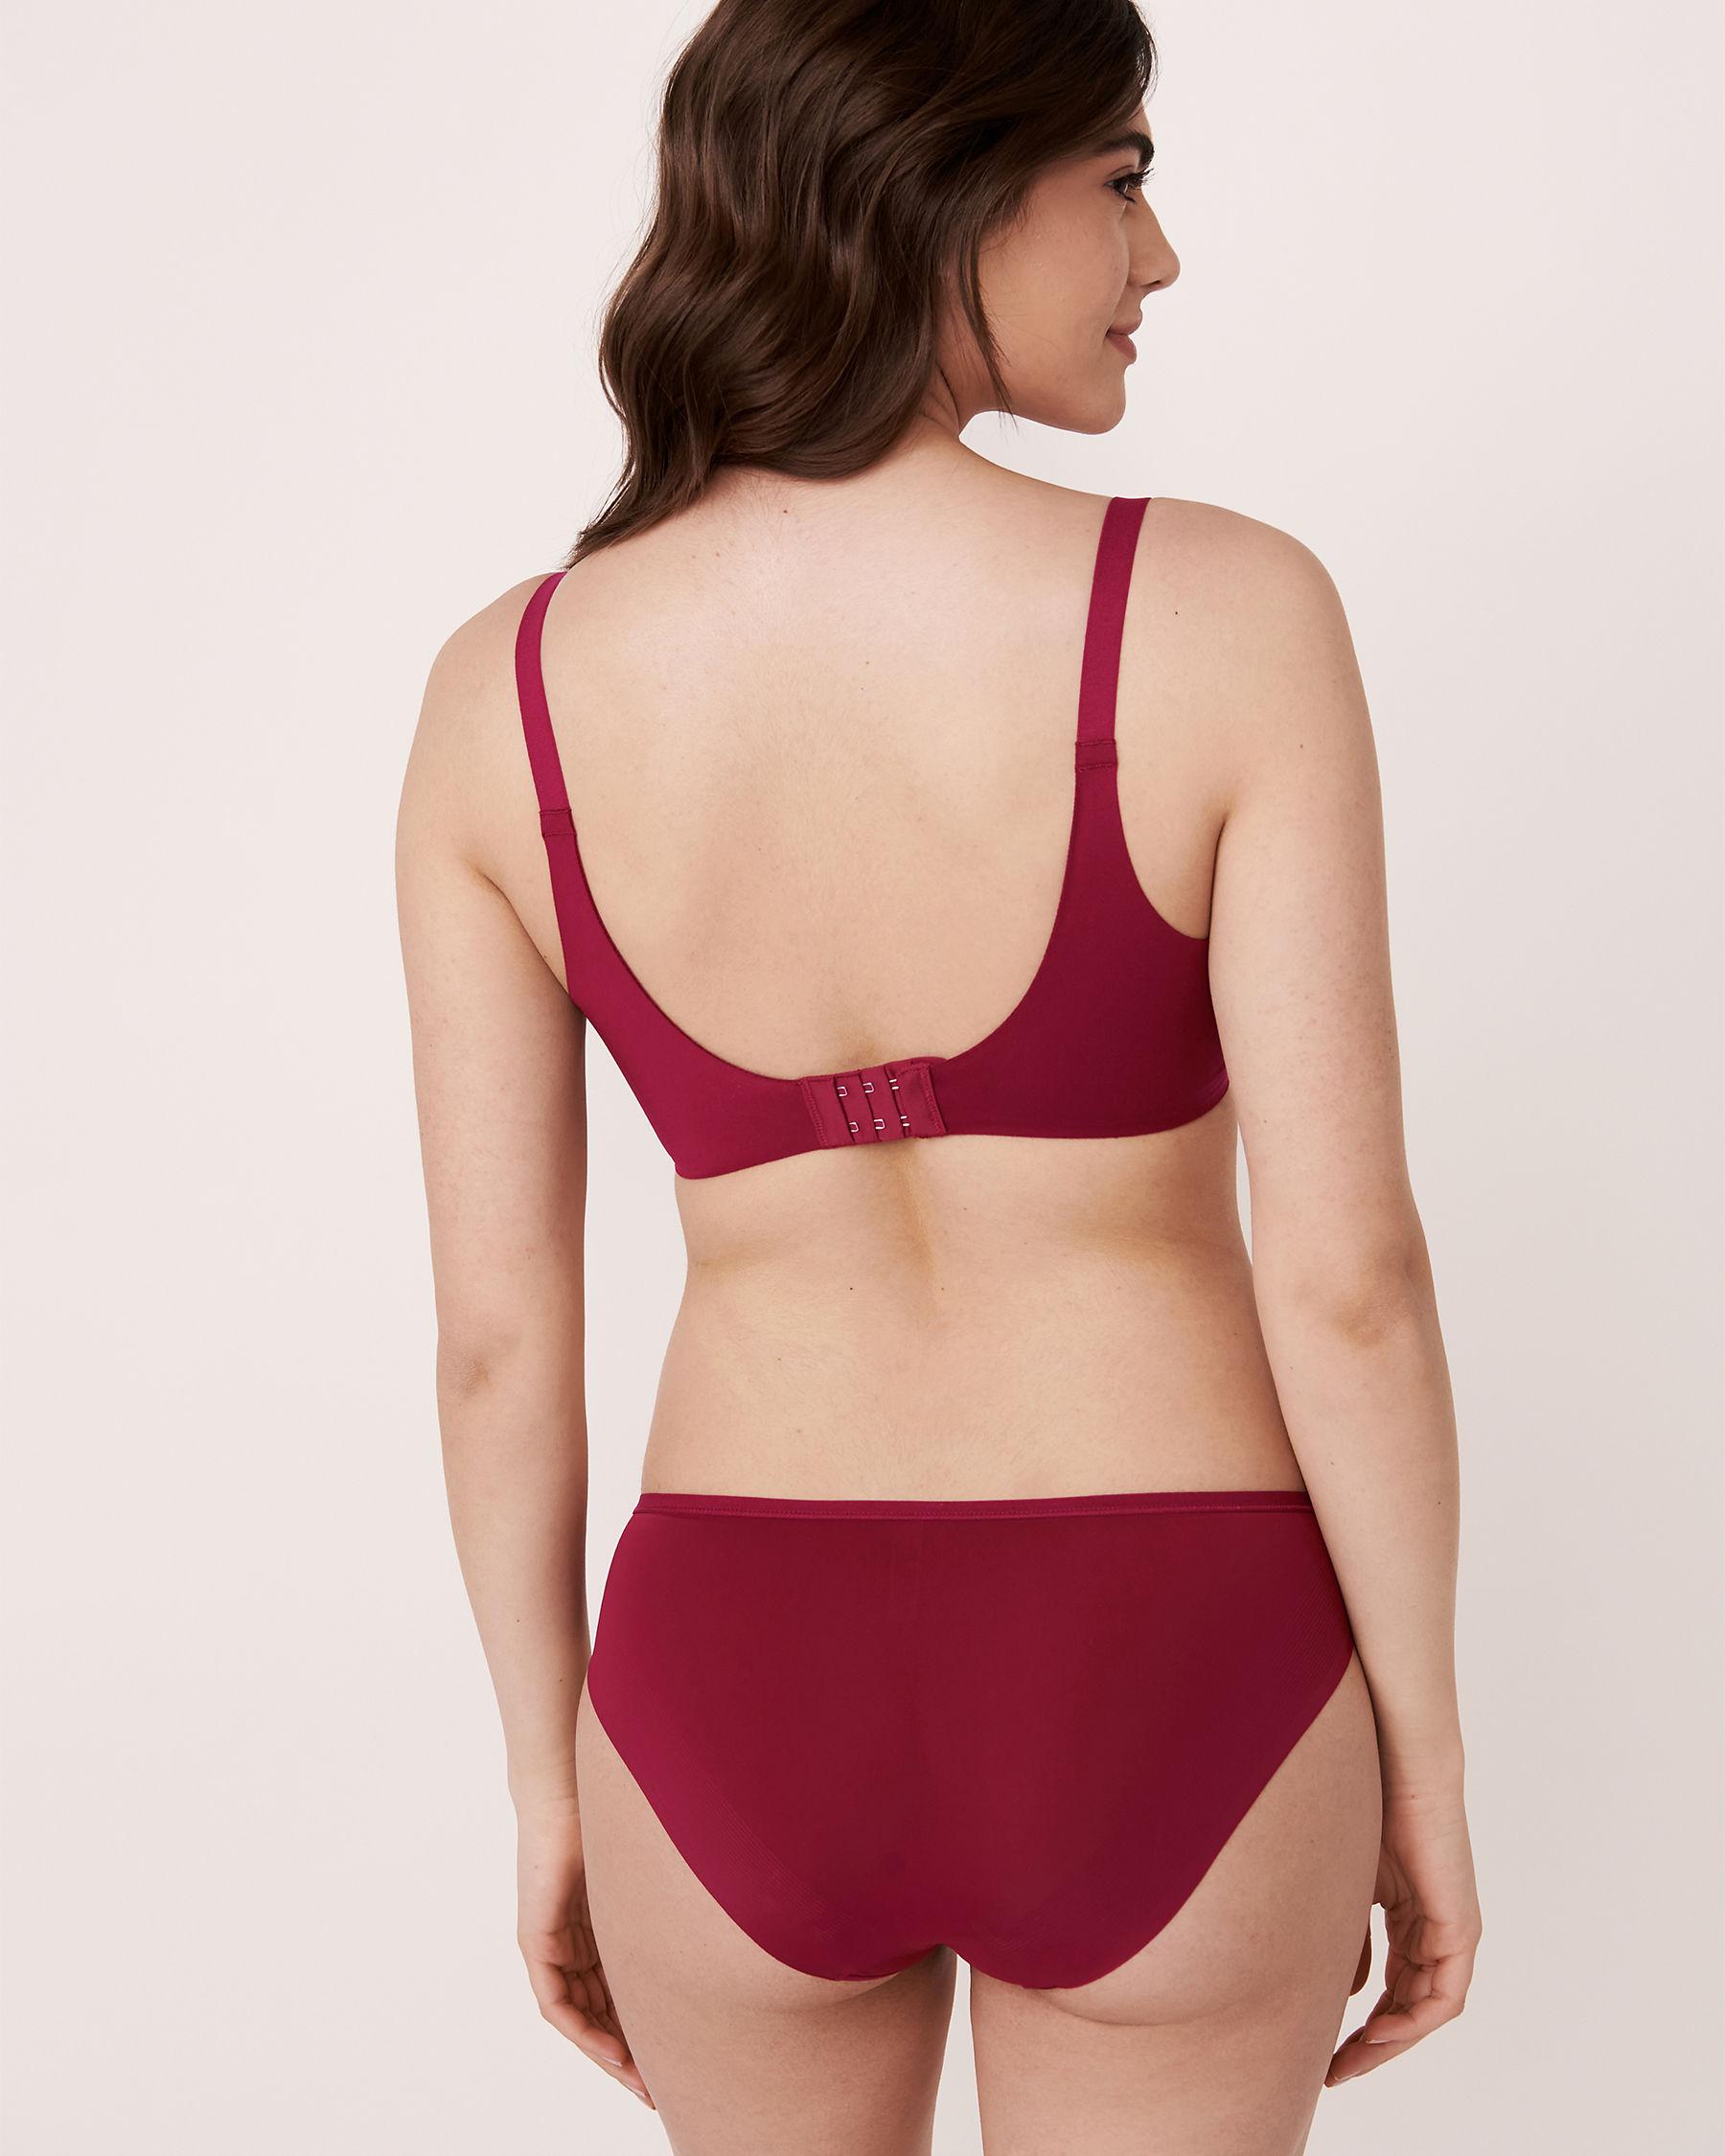 LA VIE EN ROSE Lightly Lined Sleek Back Bra Flower embroidery 10200037 - View3